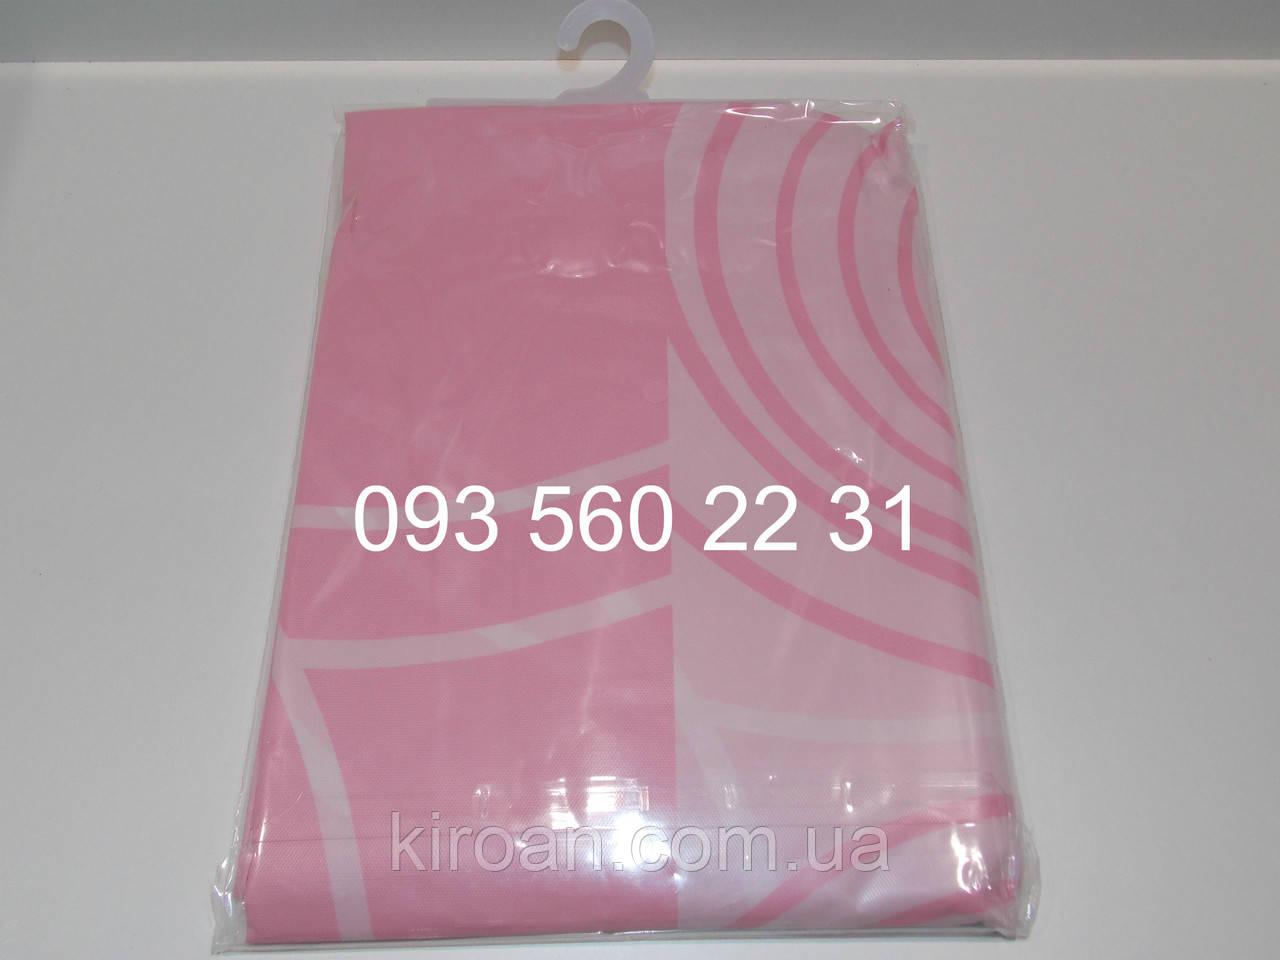 Клейончасті шторка для ванни/душа,рожева PEVA180х180 см ЕКОНОМ